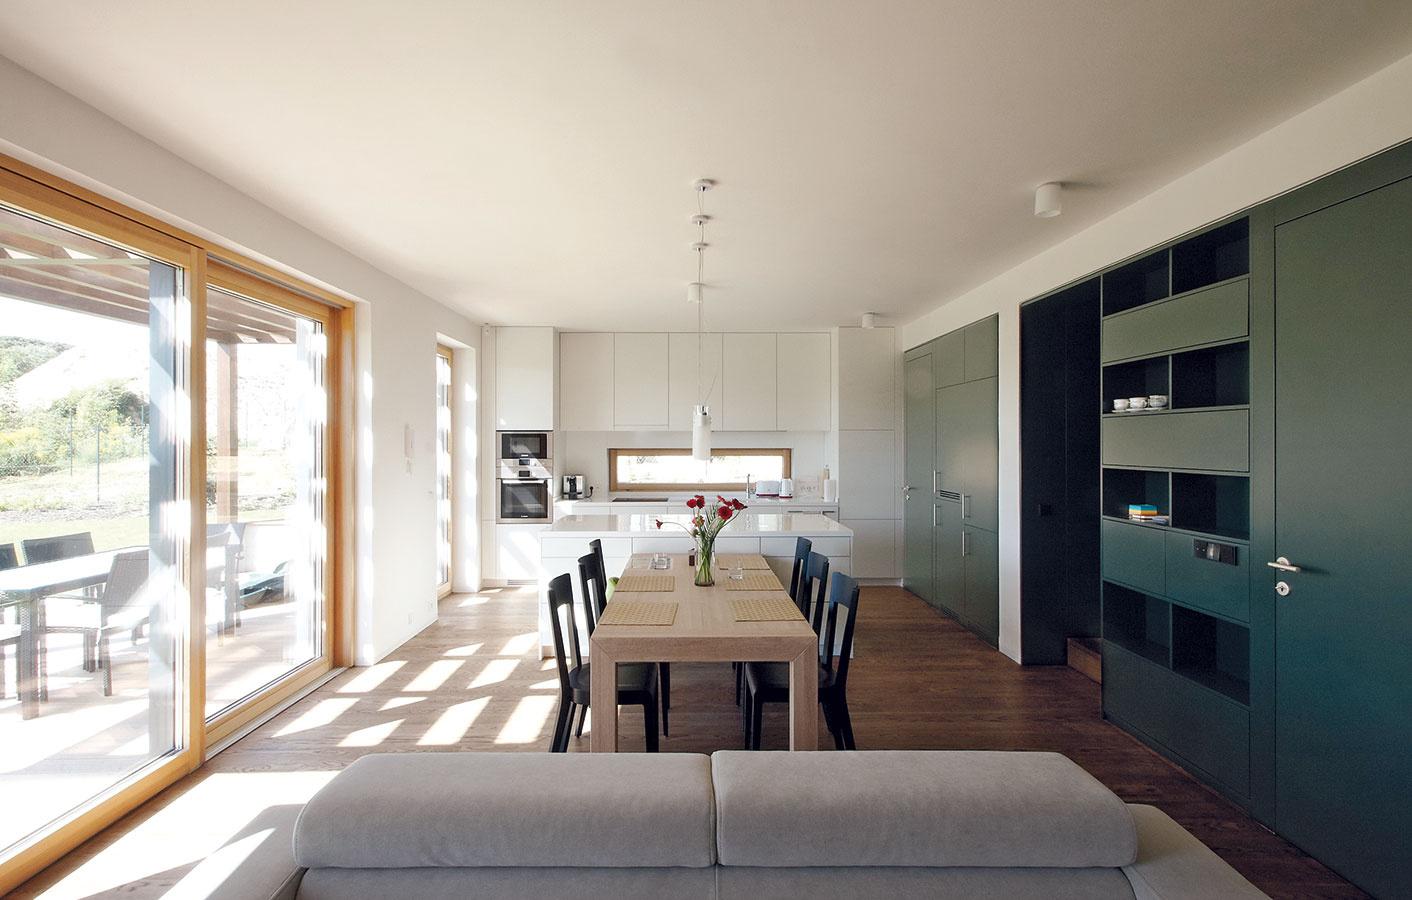 Interiér zodpovedá celkovej koncepcii, ktorá zahŕňa striedmosť, eleganciu ajednoduchosť. Na bielu kuchynskú linku nadväzujú robustnejší stôl zo svetlého dreveného masívu avpriestore výrazne pôsobiace tmavé stoličky.